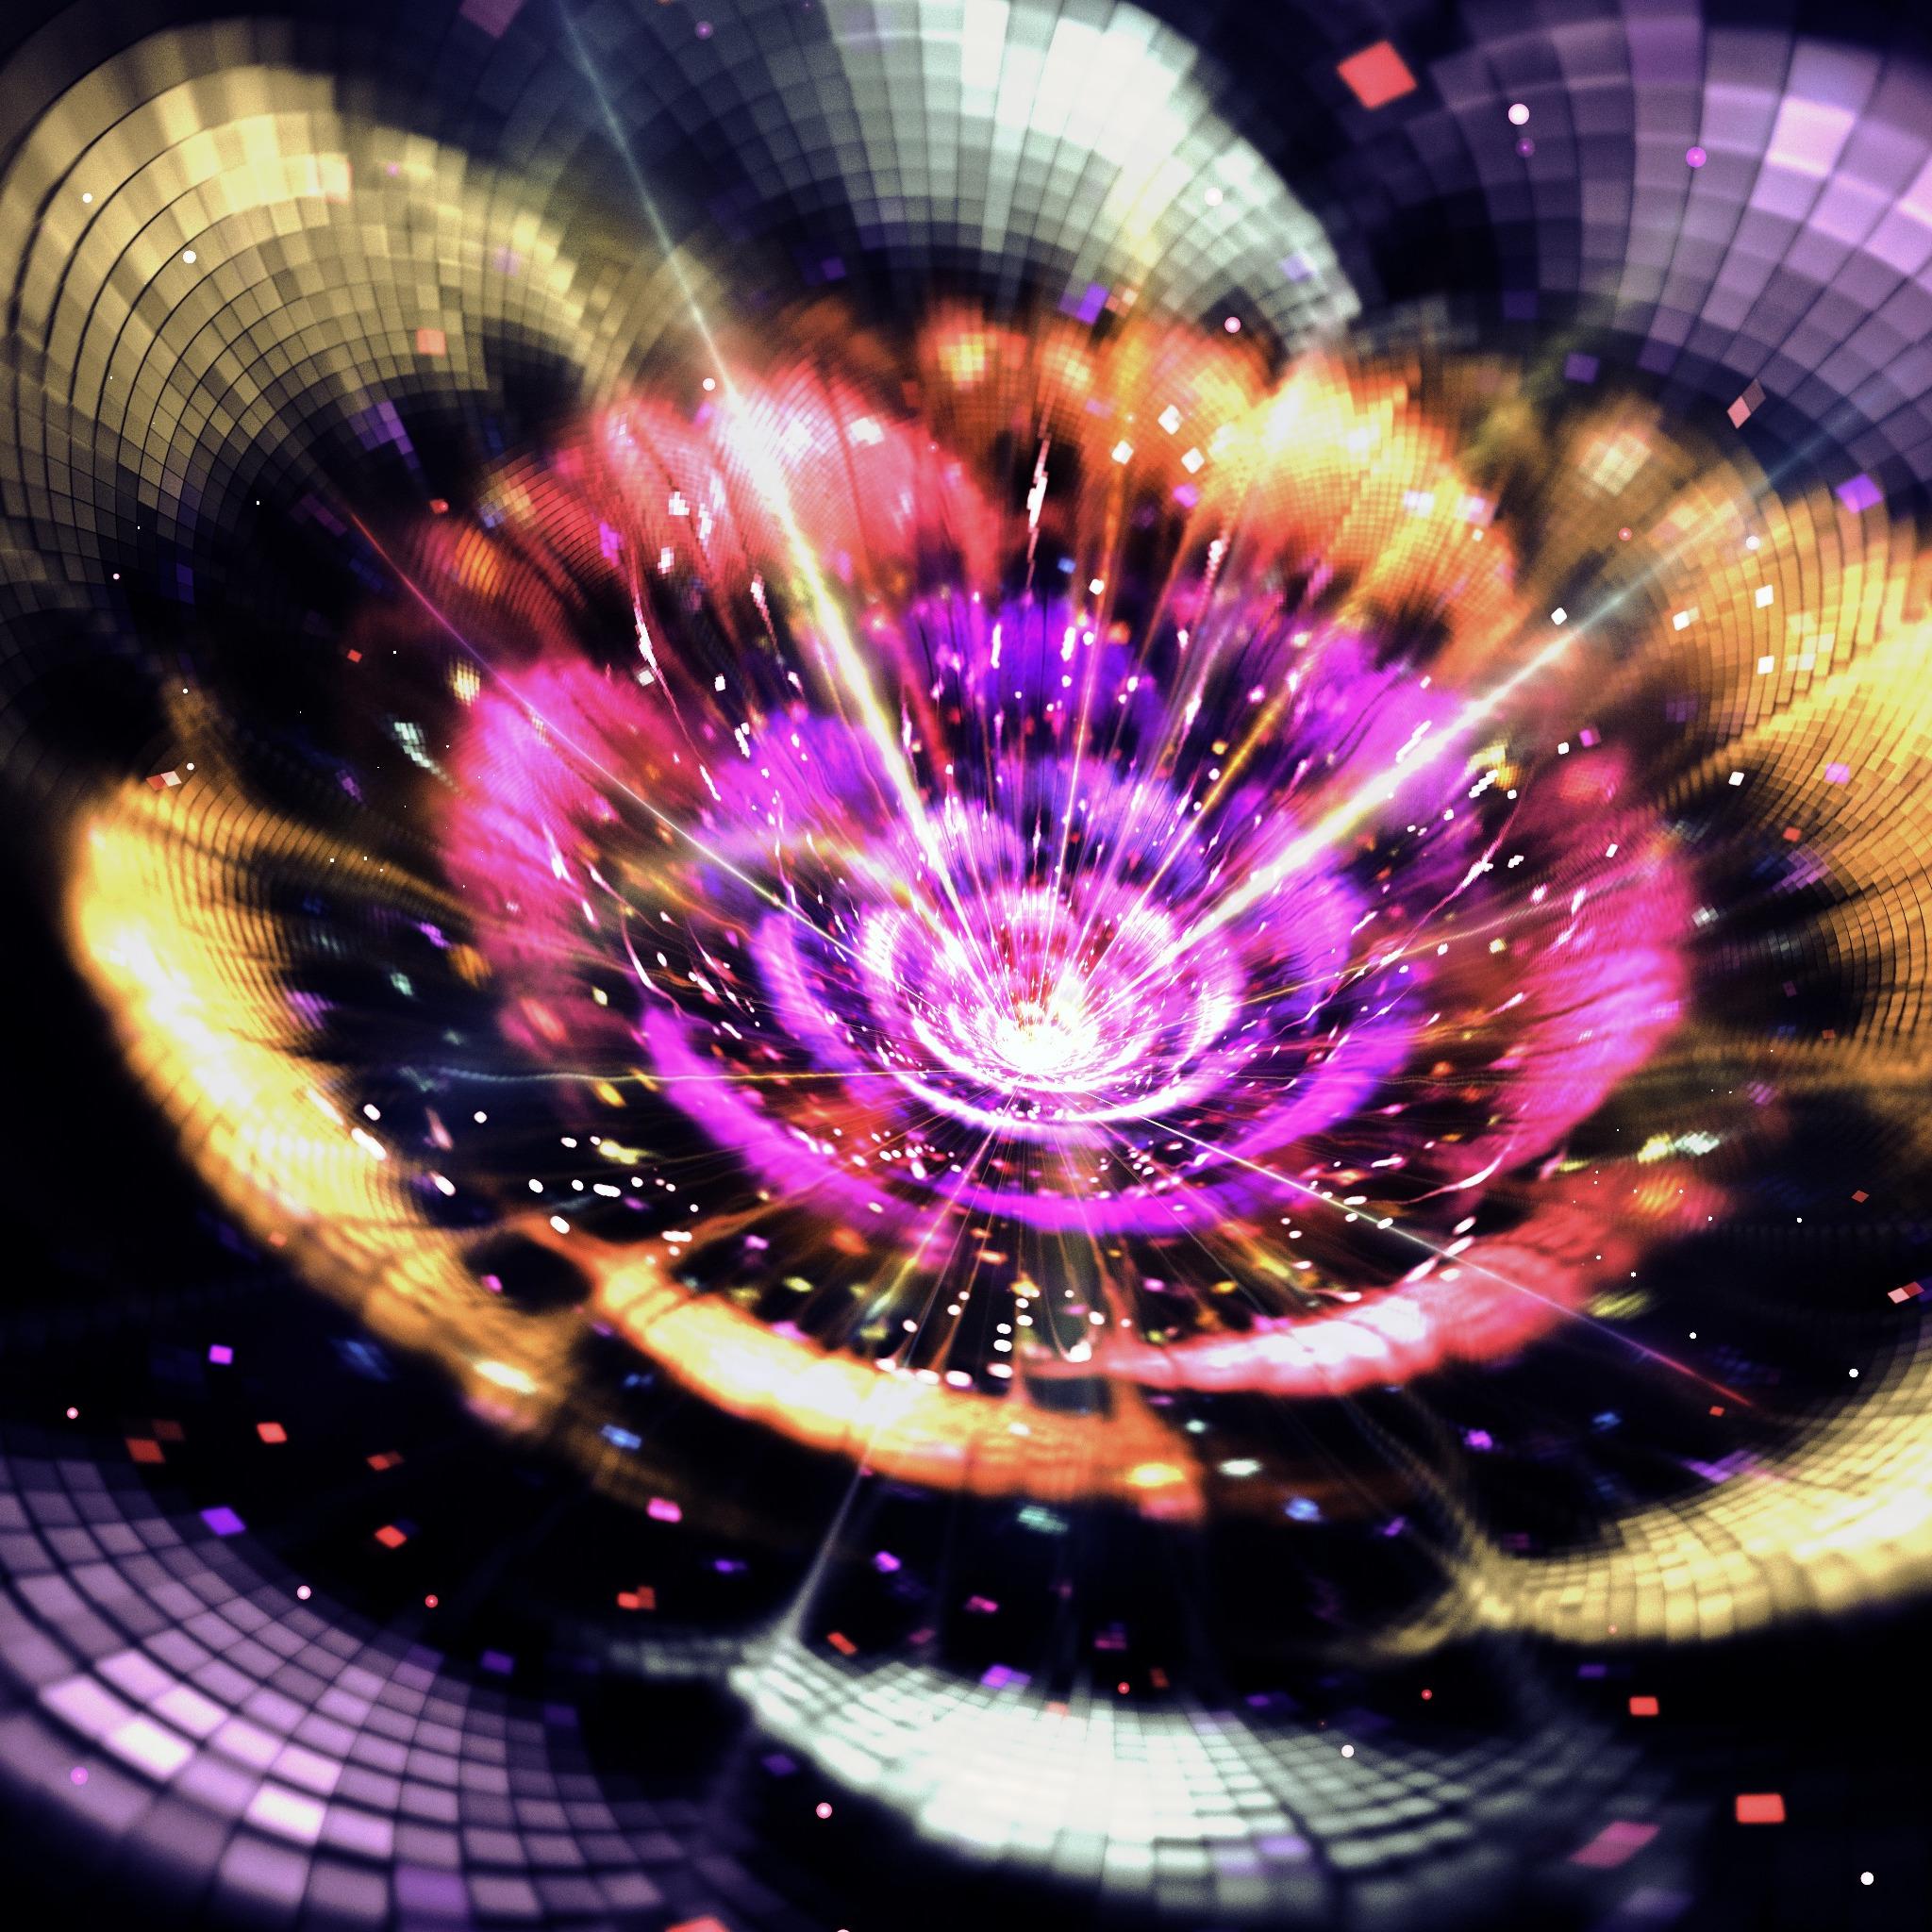 любым красивые картинки космос цветы сильно отличаются церемоний